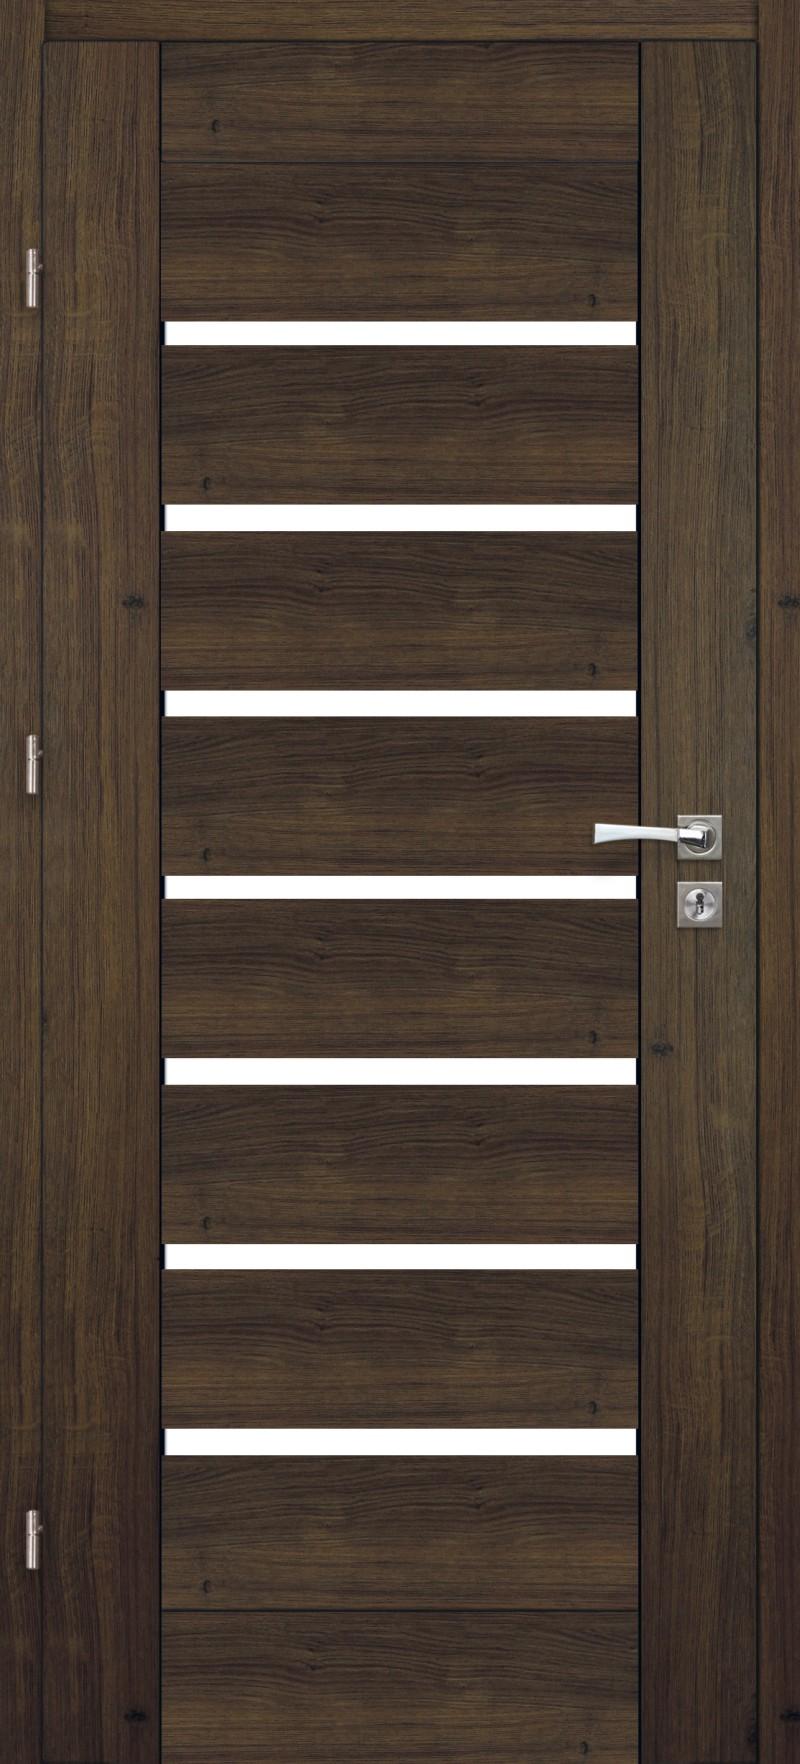 Drzwi z przeszkleniem Vanilla 10 | Wrocław